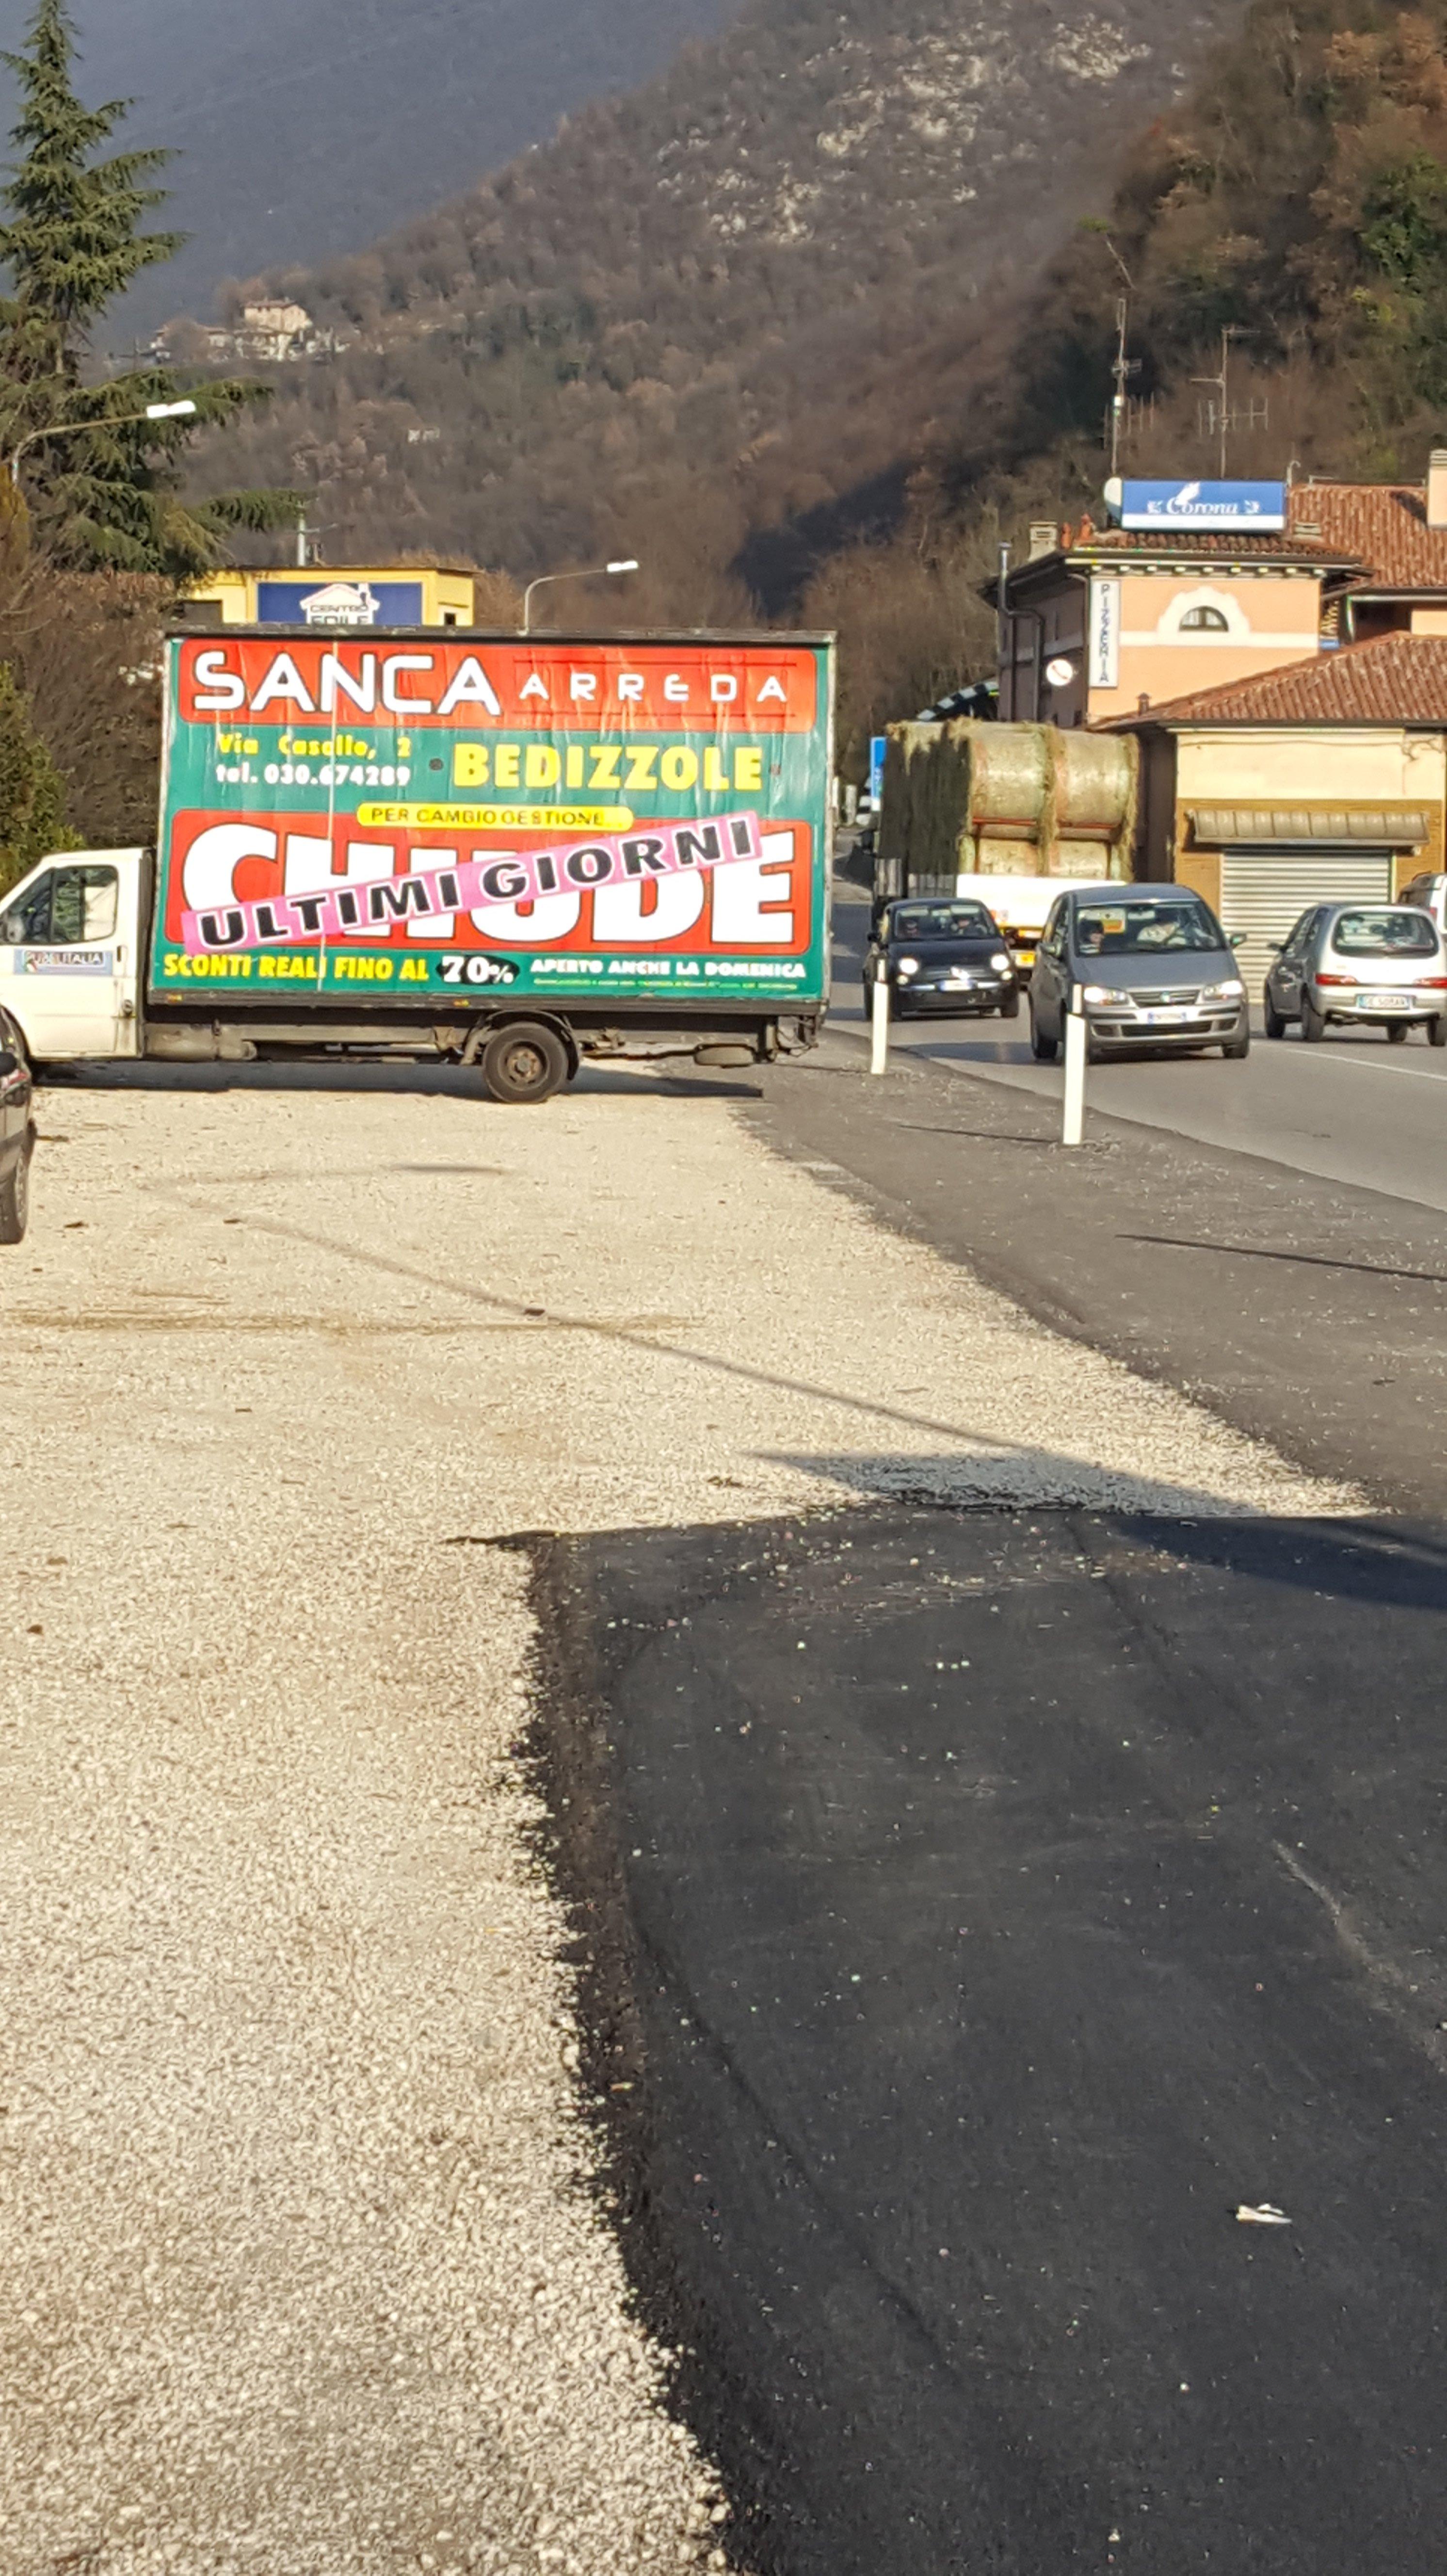 furgone con cartellone pubblicitario parcheggiato in strada